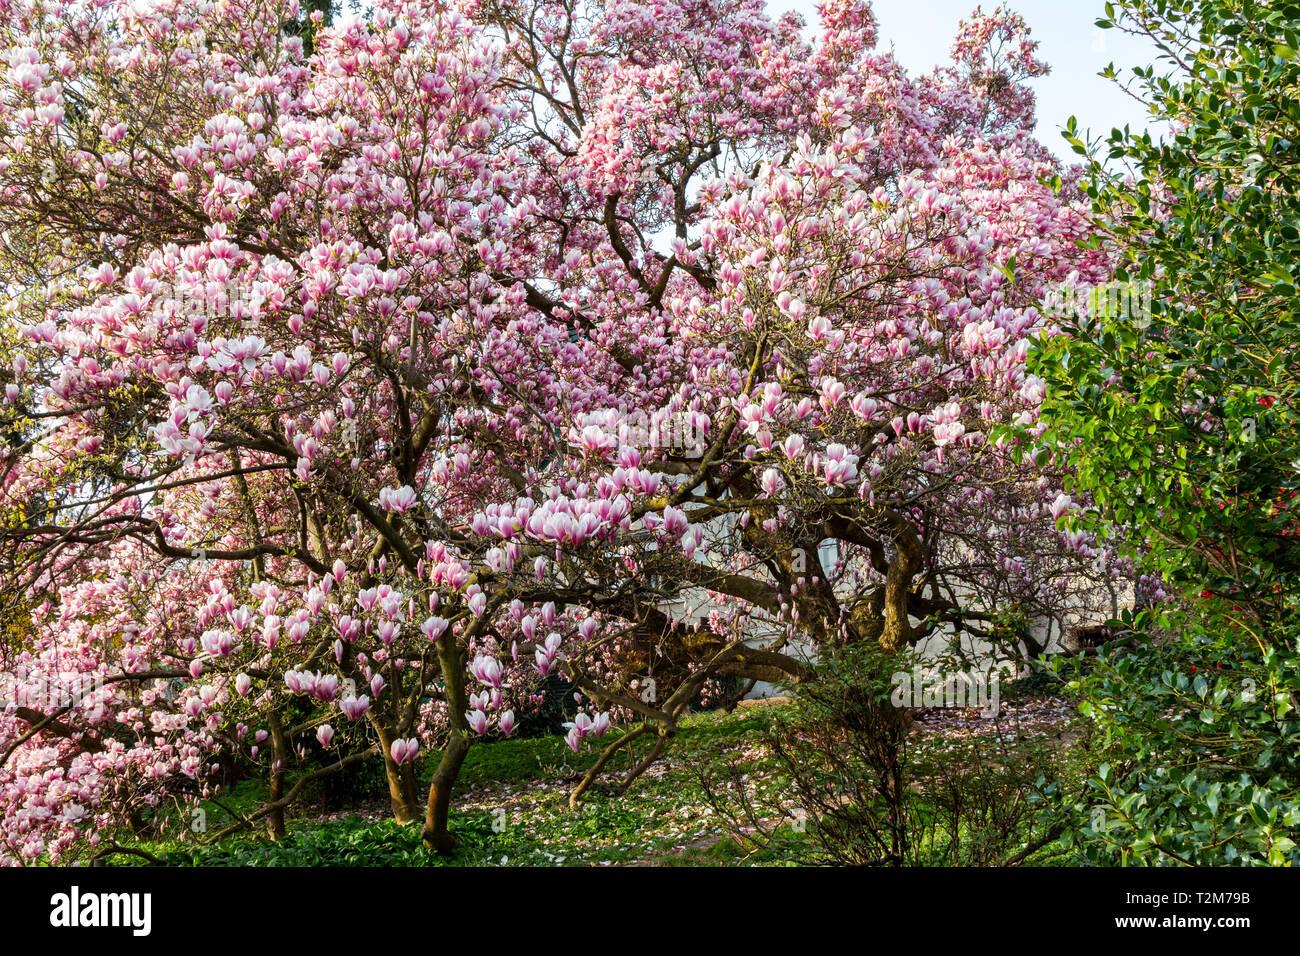 Magnolia Tree Full Bloom Stock Photos Magnolia Tree Full Bloom